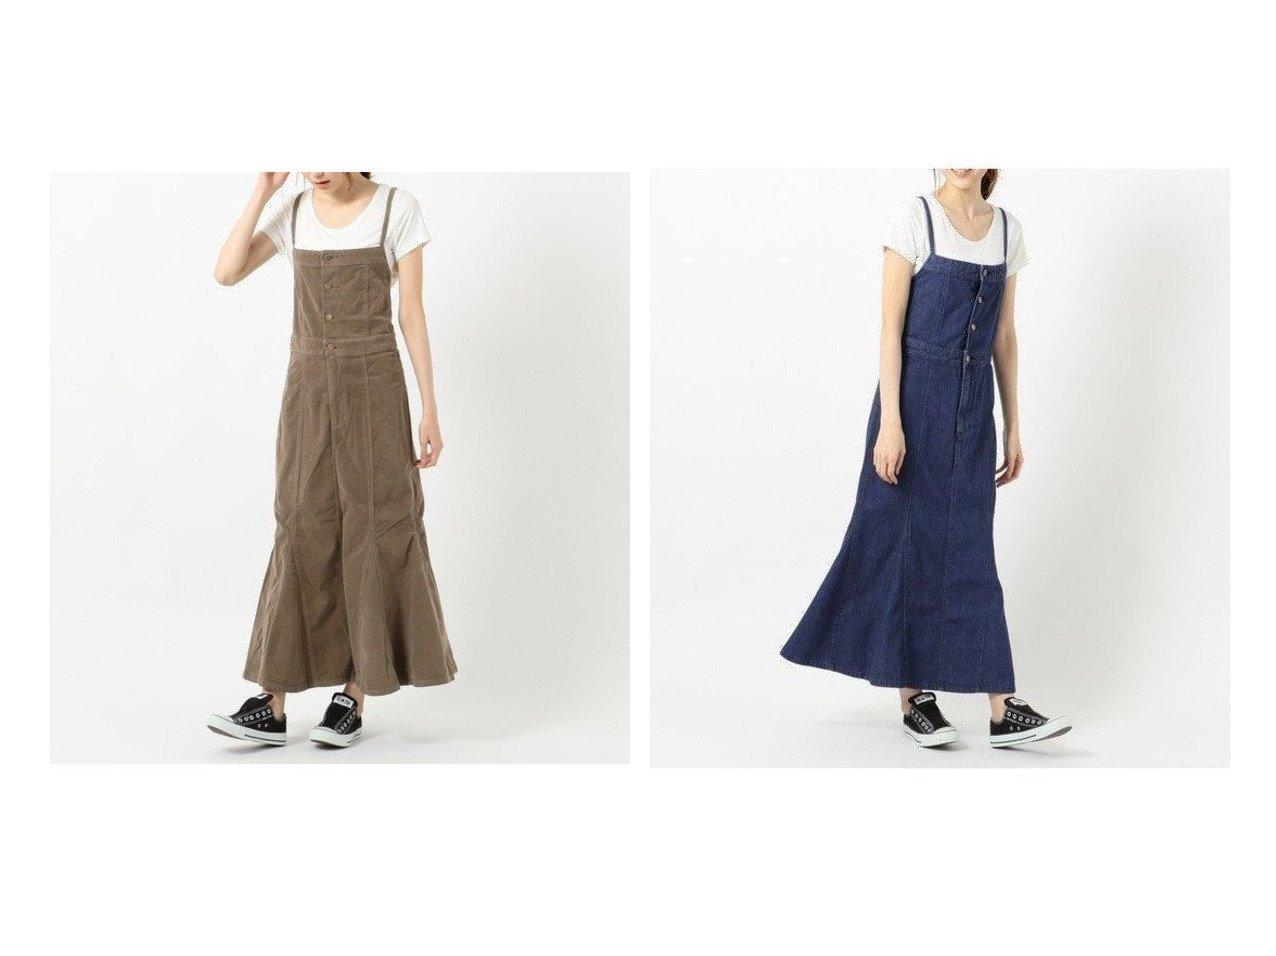 【any SiS/エニィ スィス】の【L'aube】Leeサロペット スカート スカートのおすすめ!人気、トレンド・レディースファッションの通販 おすすめで人気の流行・トレンド、ファッションの通販商品 メンズファッション・キッズファッション・インテリア・家具・レディースファッション・服の通販 founy(ファニー) https://founy.com/ ファッション Fashion レディースファッション WOMEN スカート Skirt 送料無料 Free Shipping サロペット シンプル フレア リボン ロング 人気 |ID:crp329100000011742